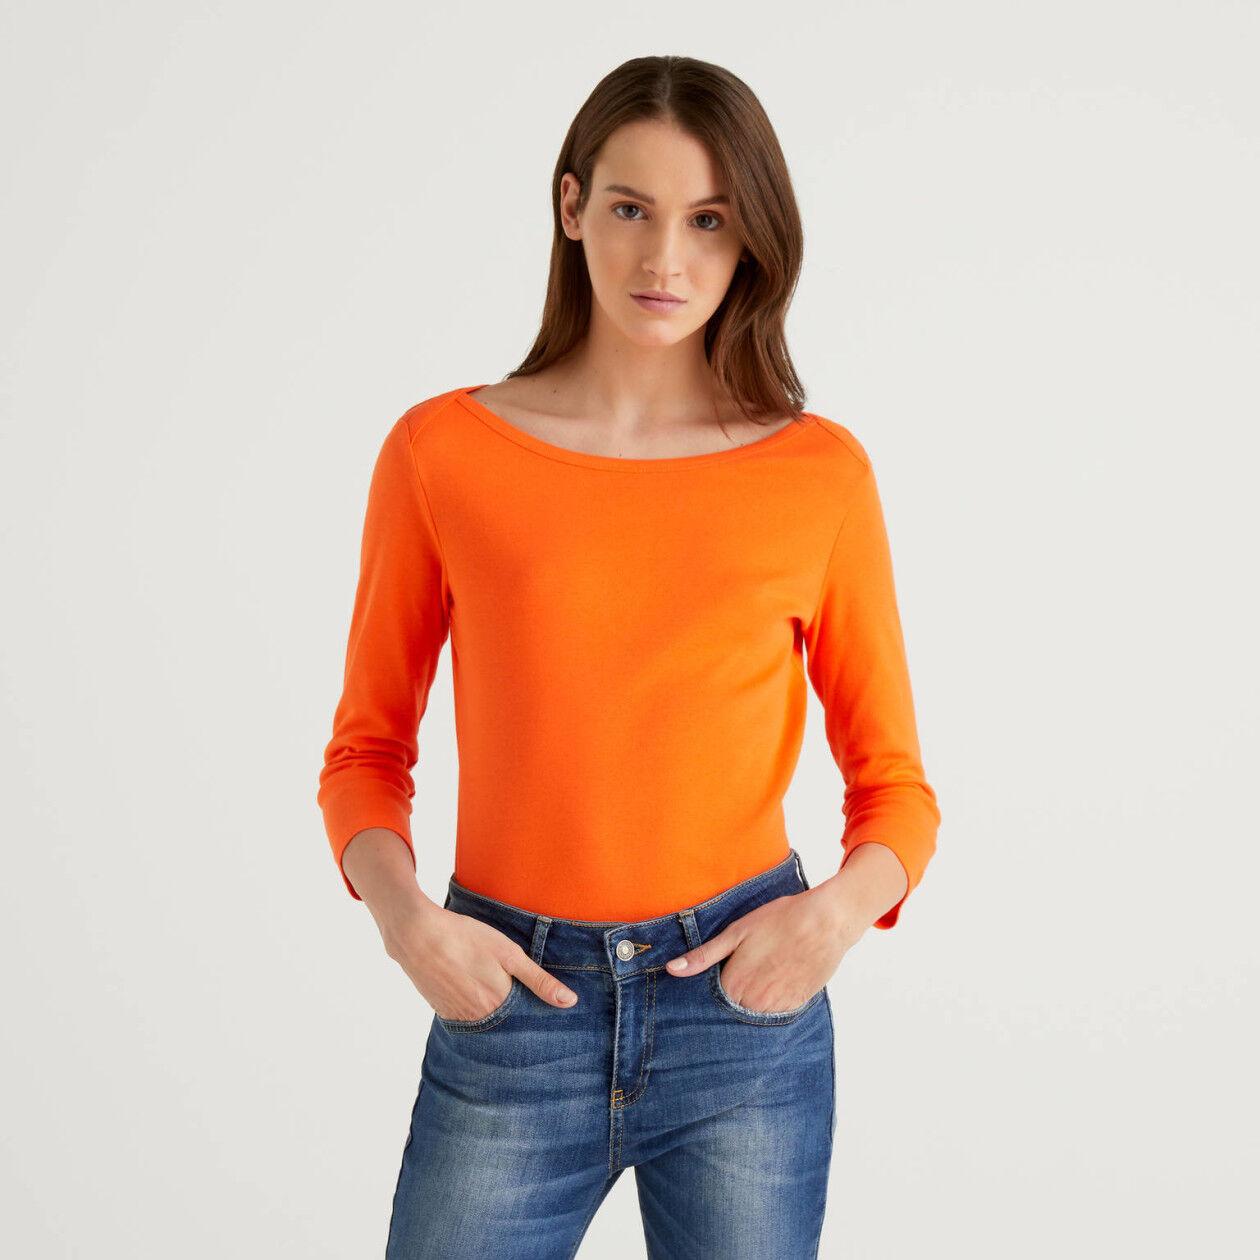 T-shirt con scollo a barchetta 100% cotone